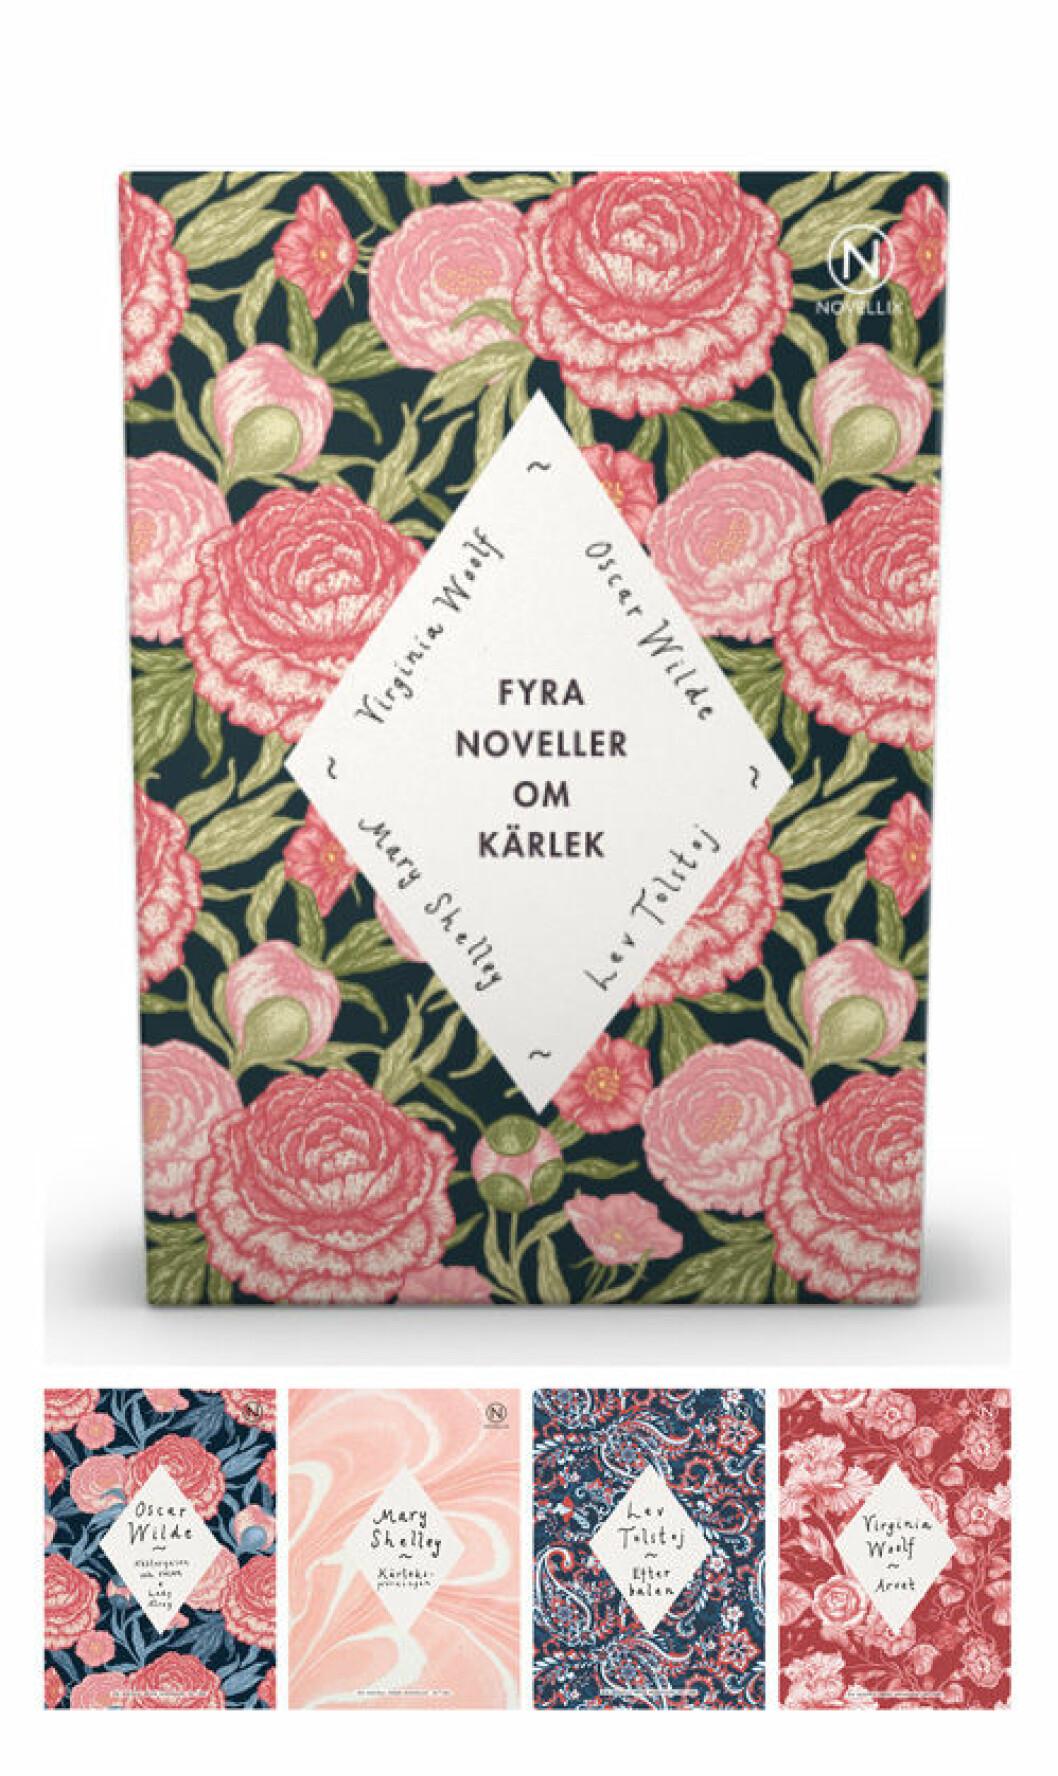 Fyra noveller om kärlek från Novellix.